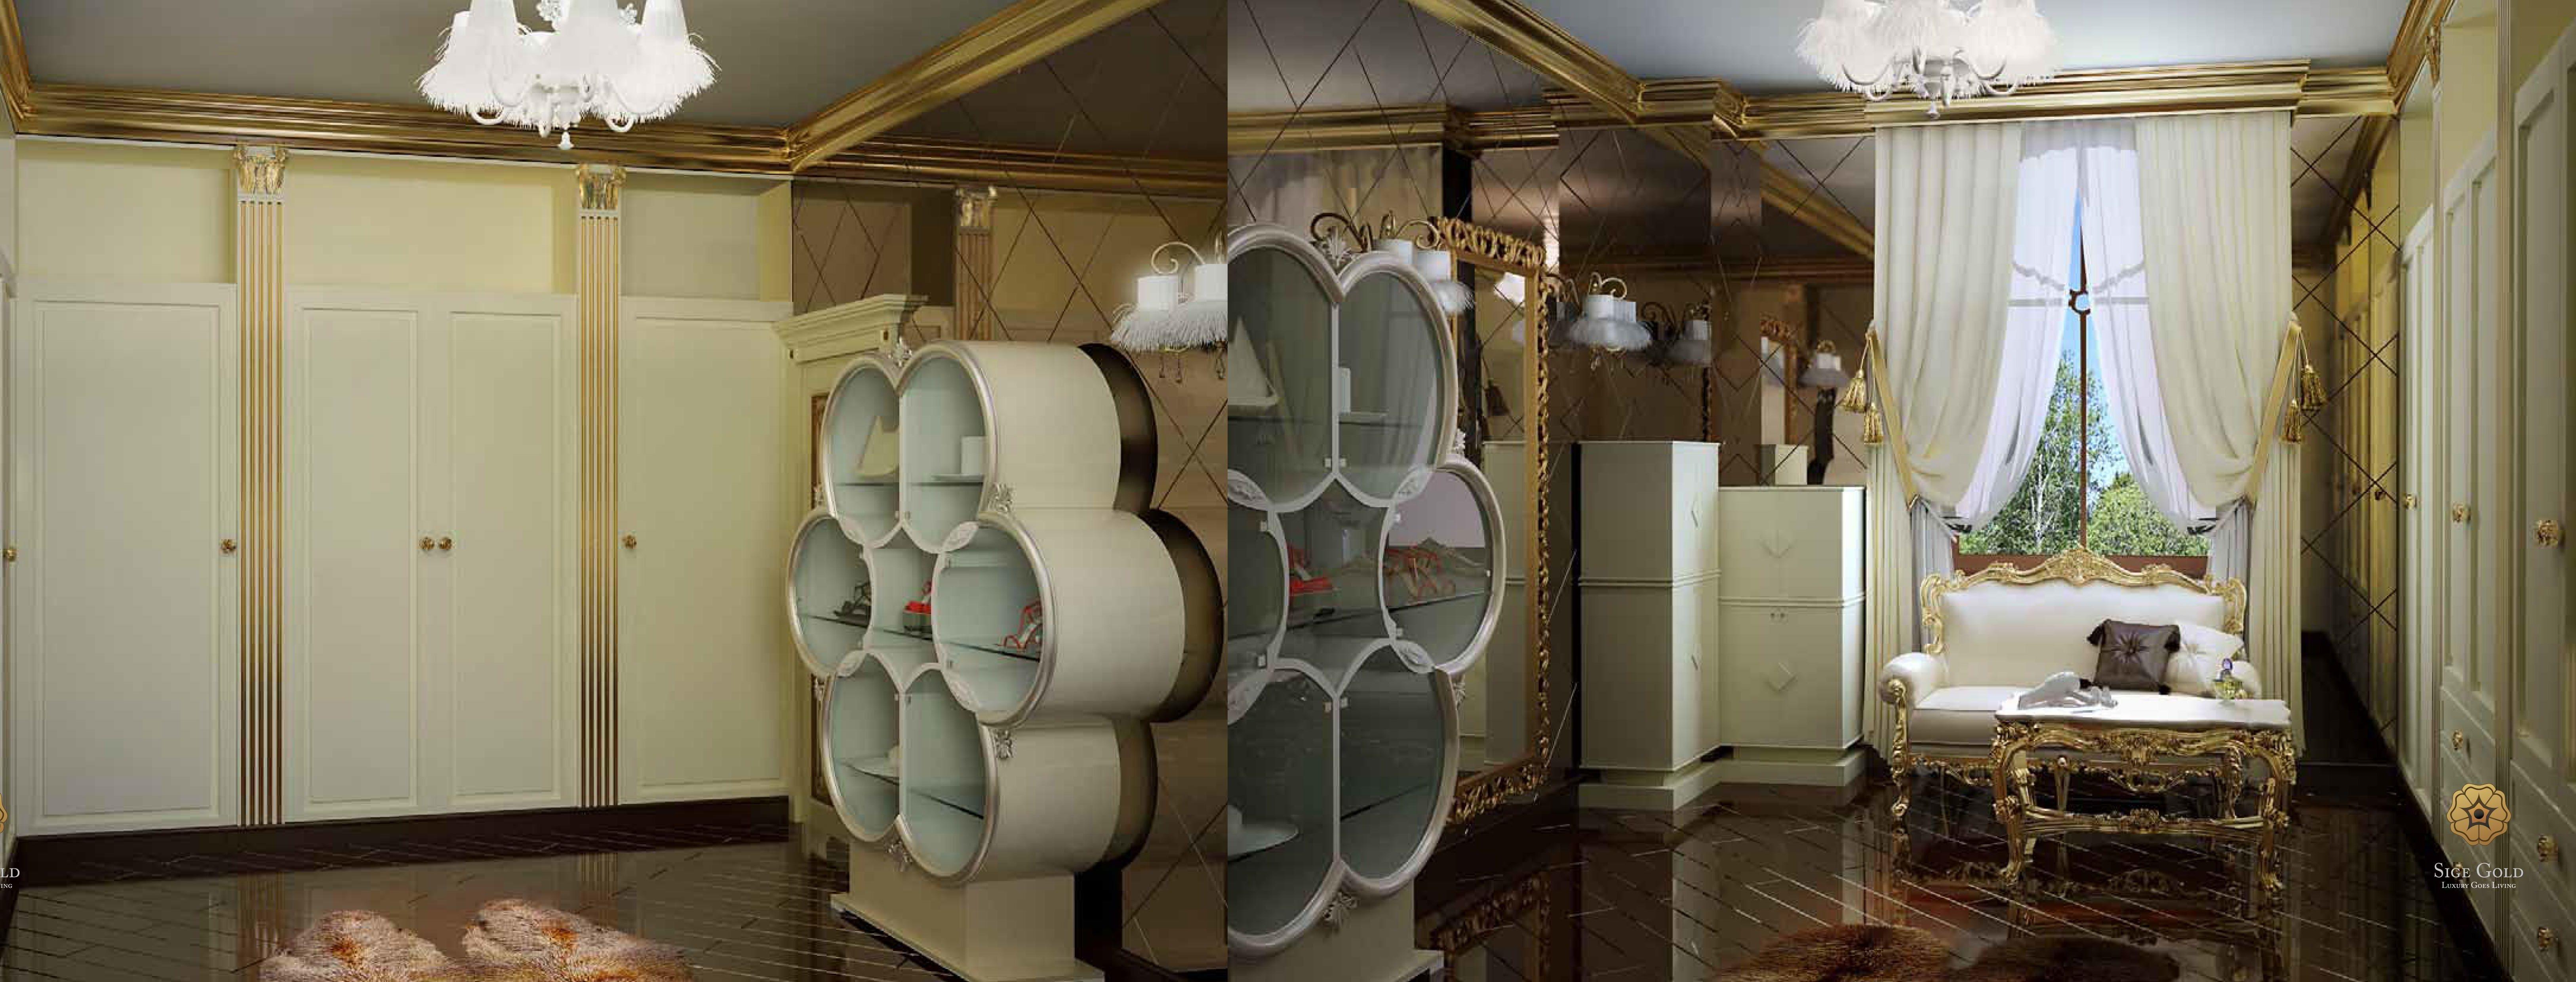 Фото готово проекта ванной комнаты от Sige